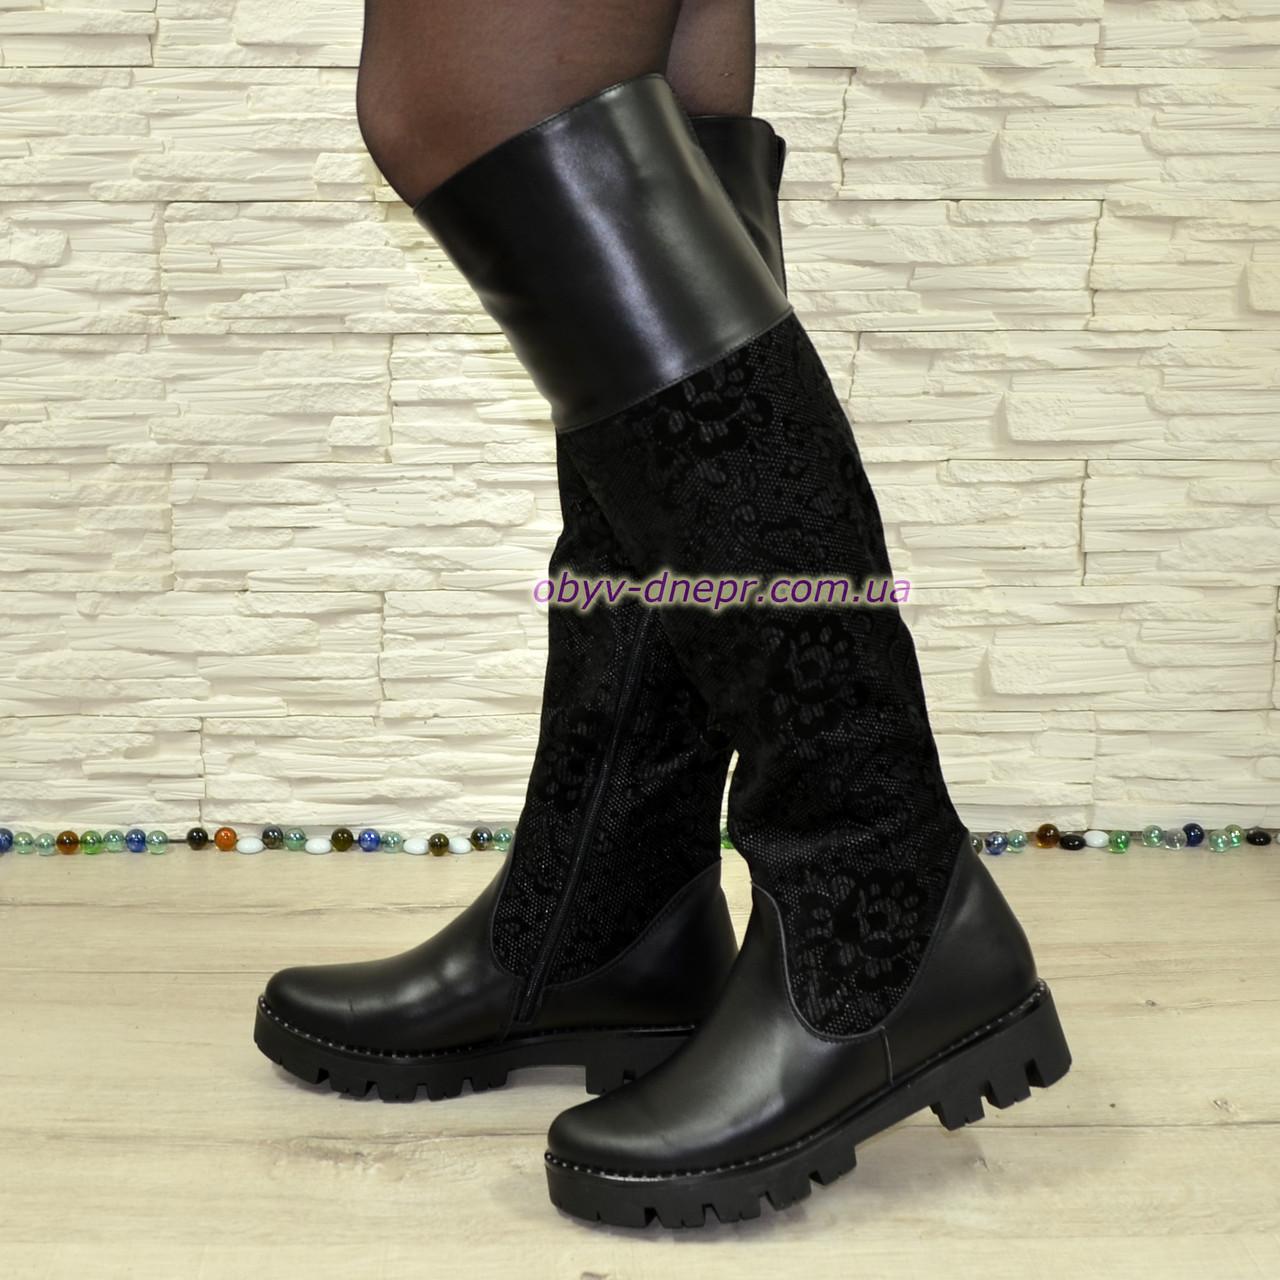 7f60b68f0025 Ботфорты черные женские зимние на тракторной подошве, натуральная кожа и  замша. - Интернет-